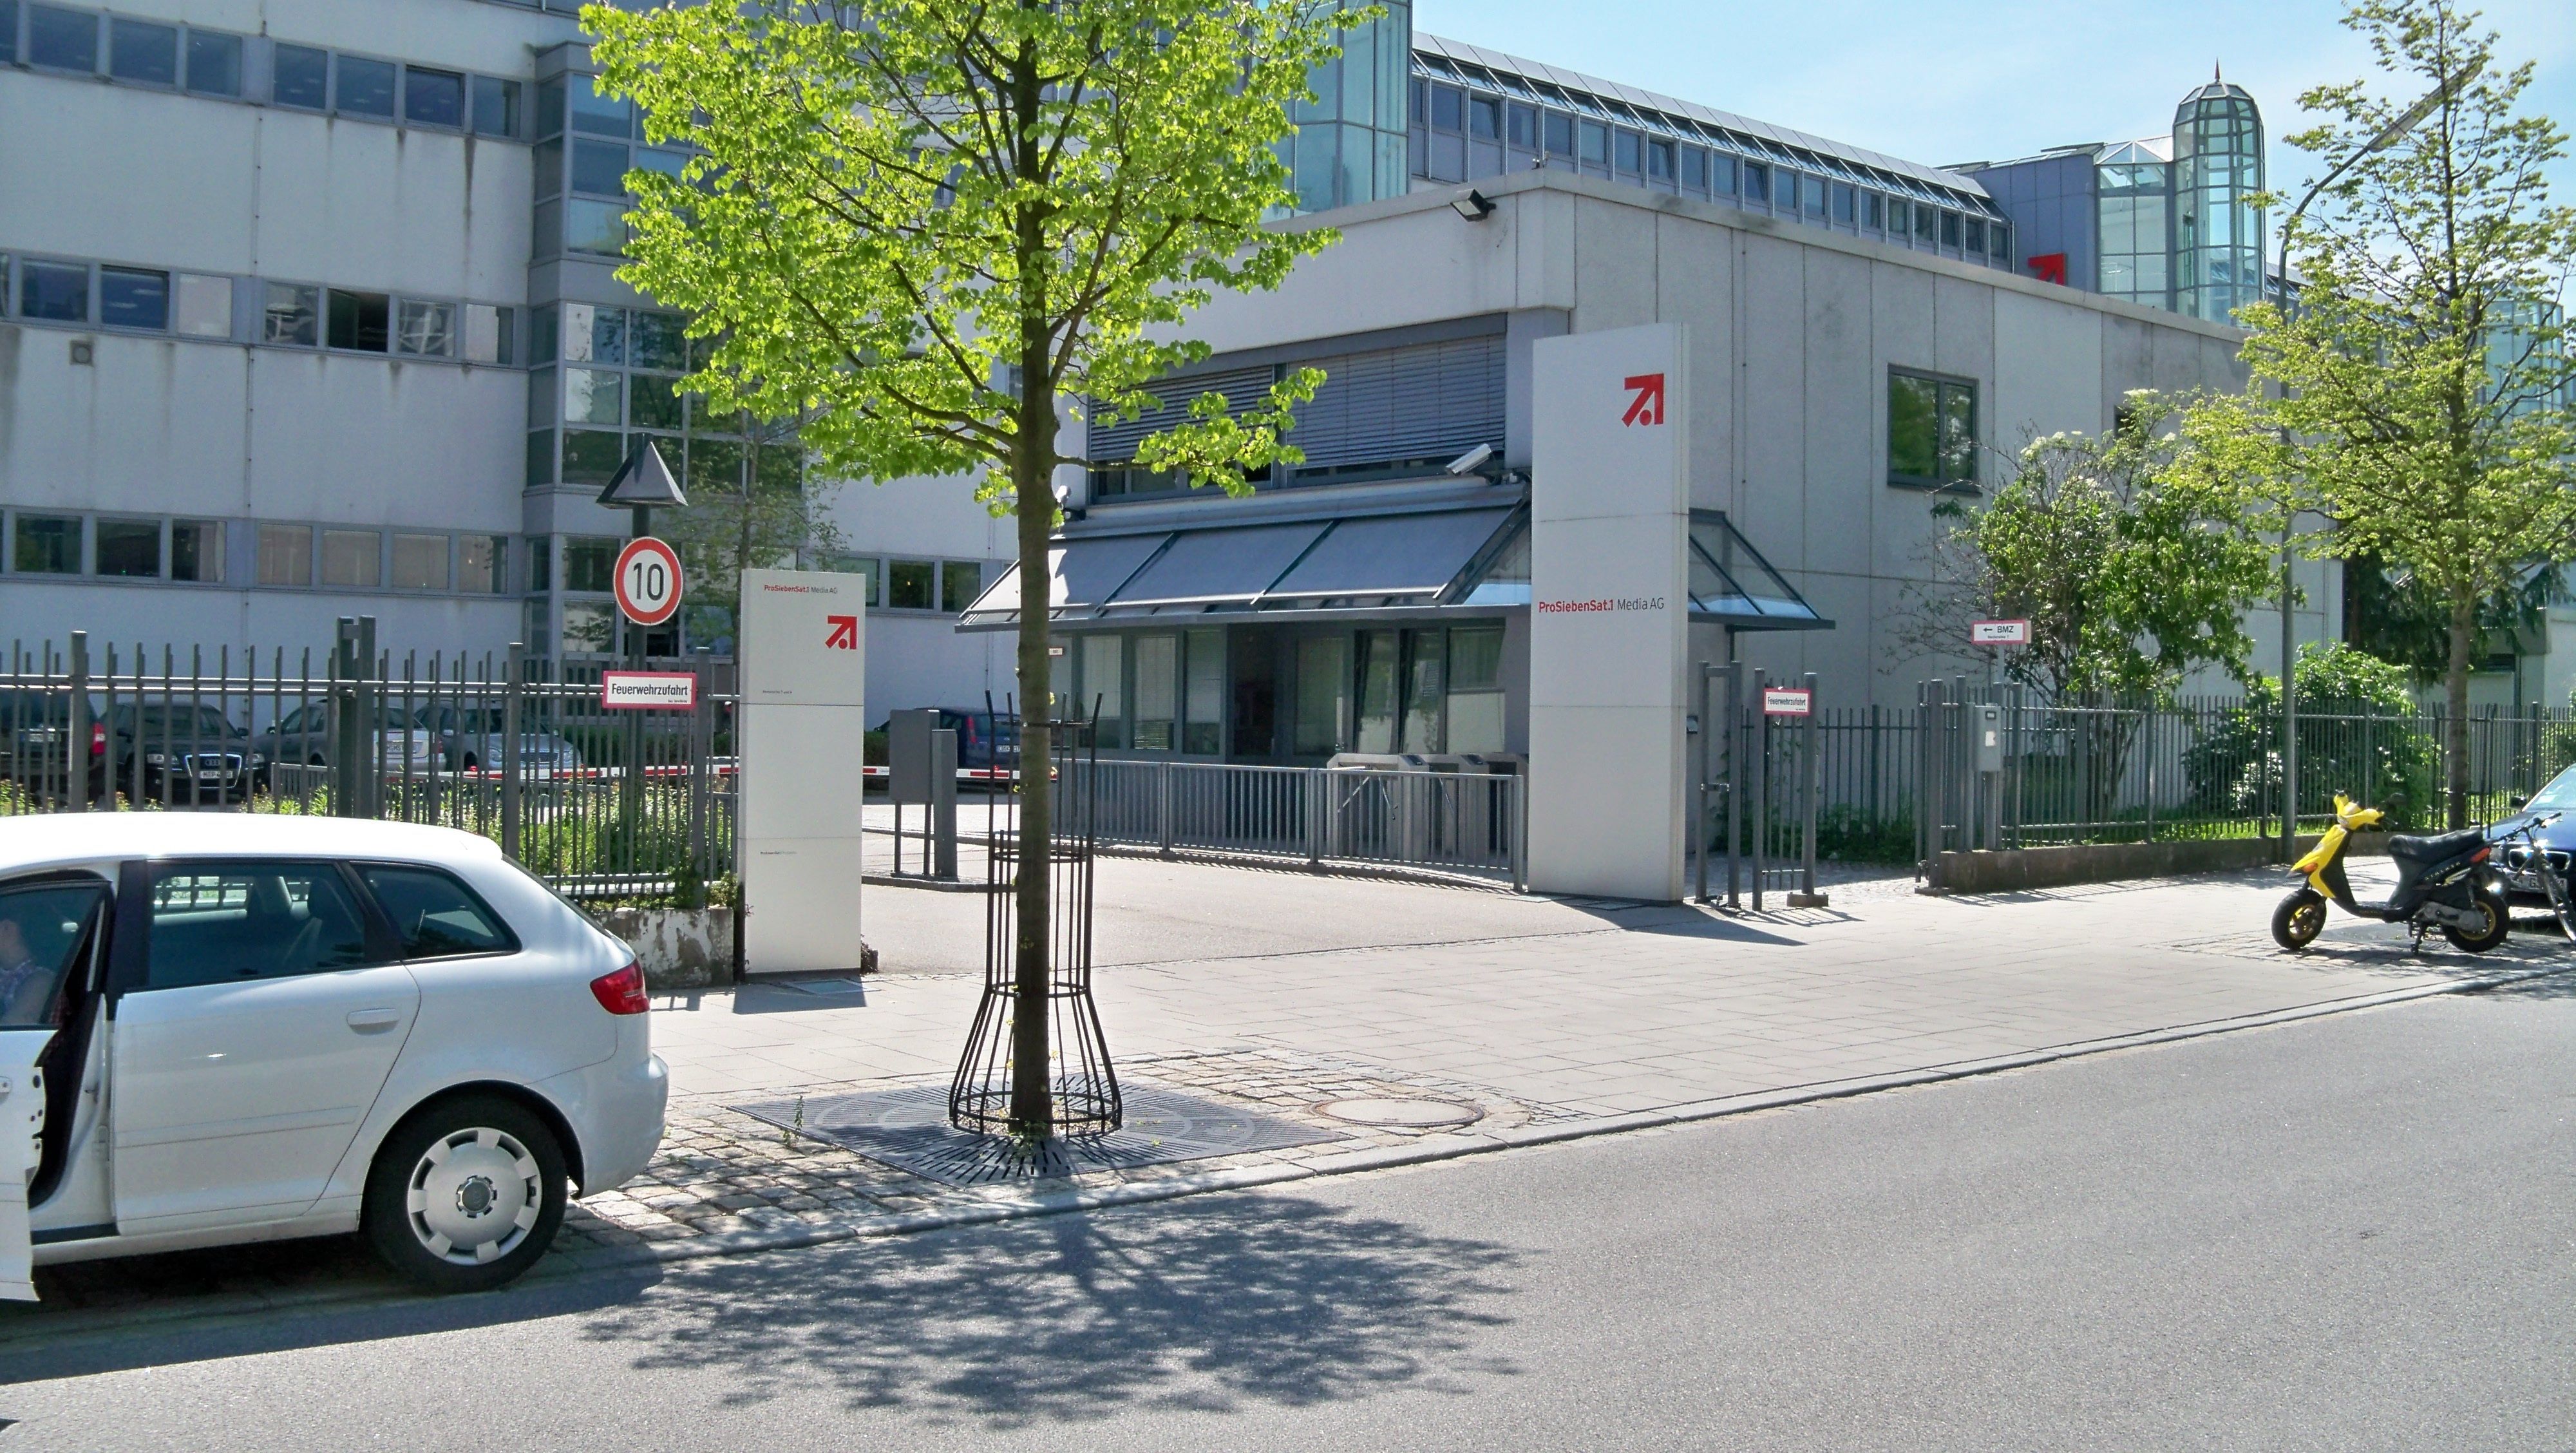 ProSieben Fun  Wikipedia